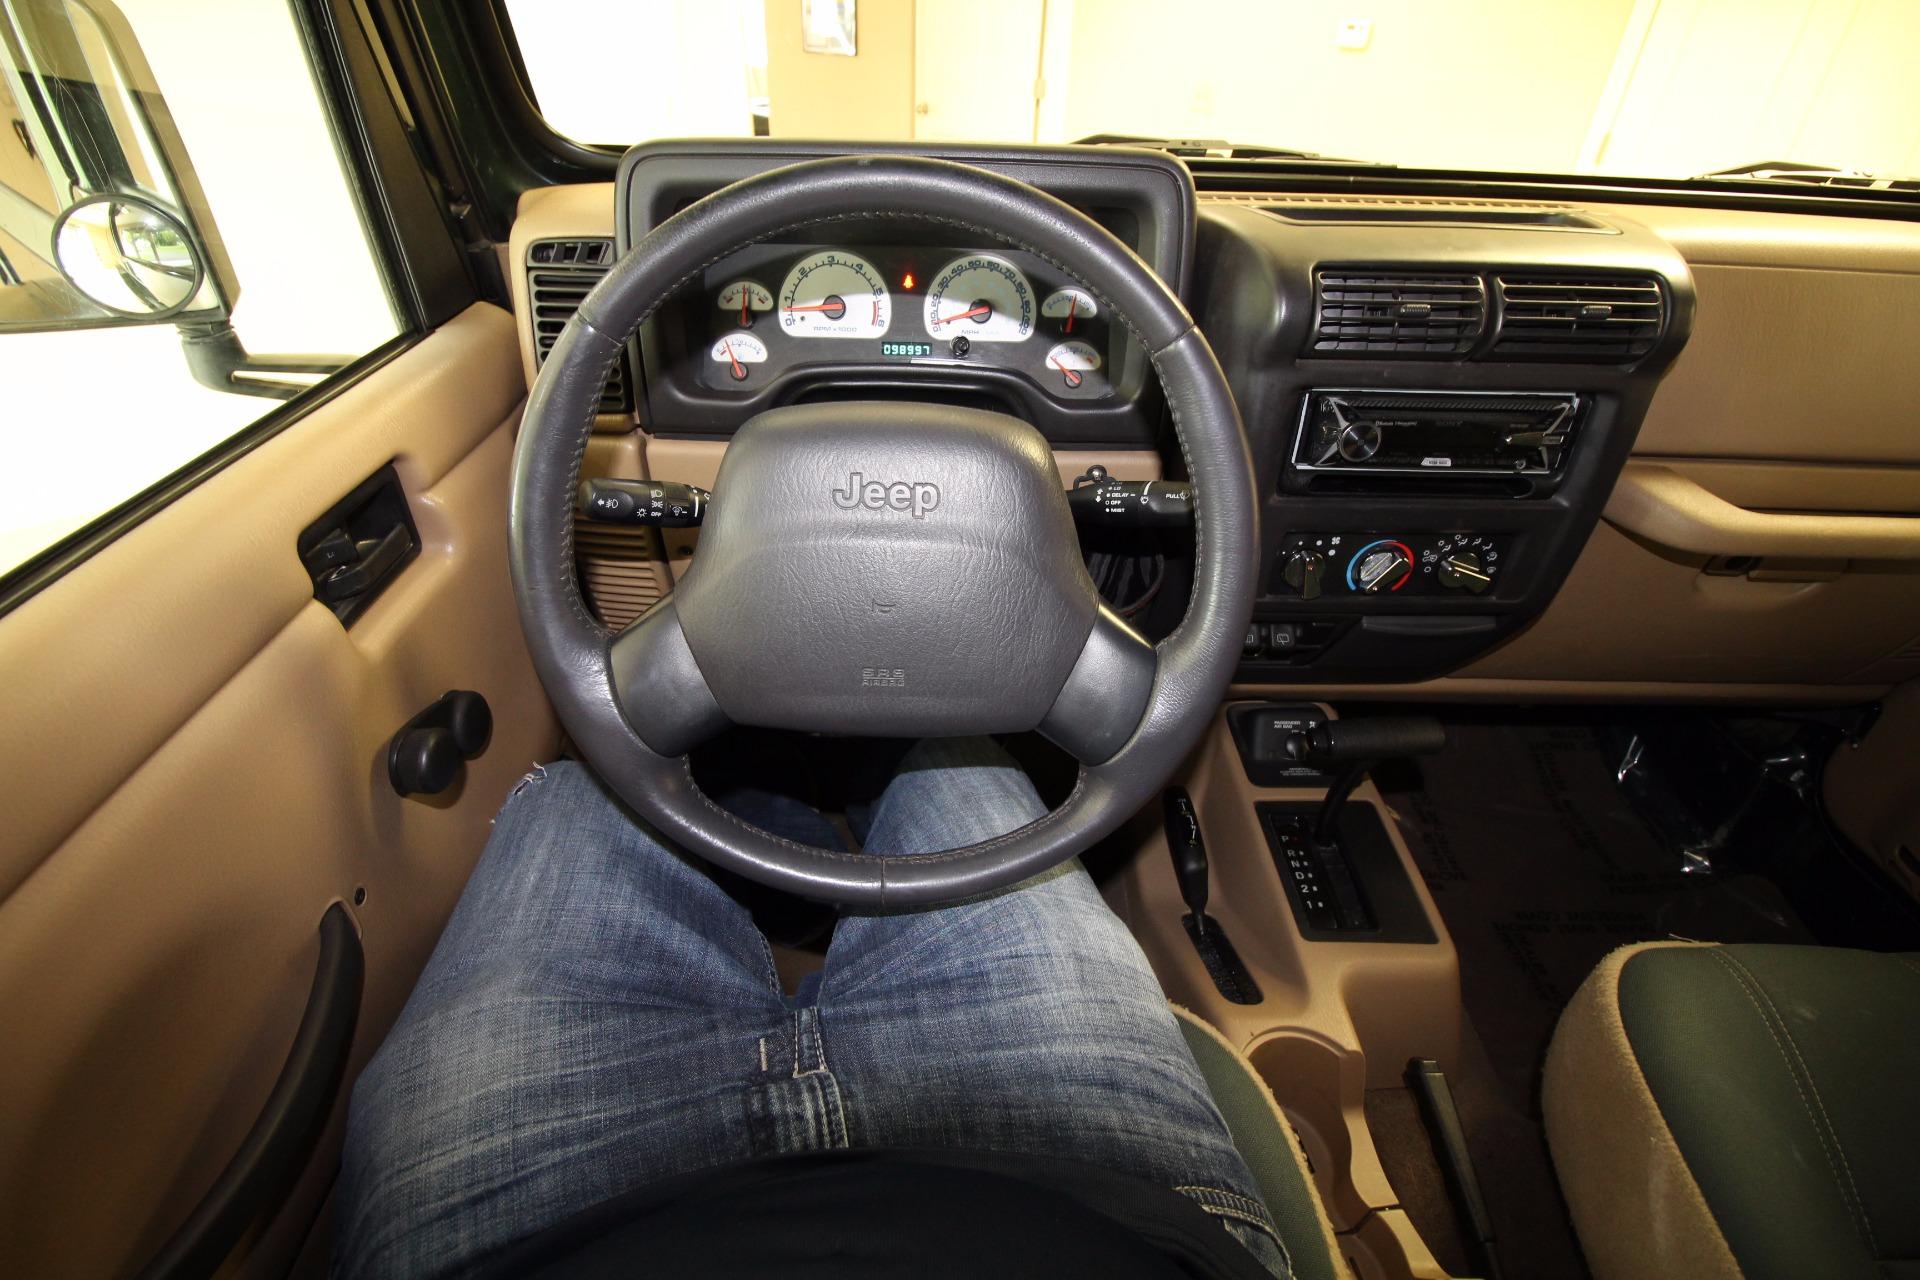 Used 2001 Jeep Wrangler Sahara | Albany, NY